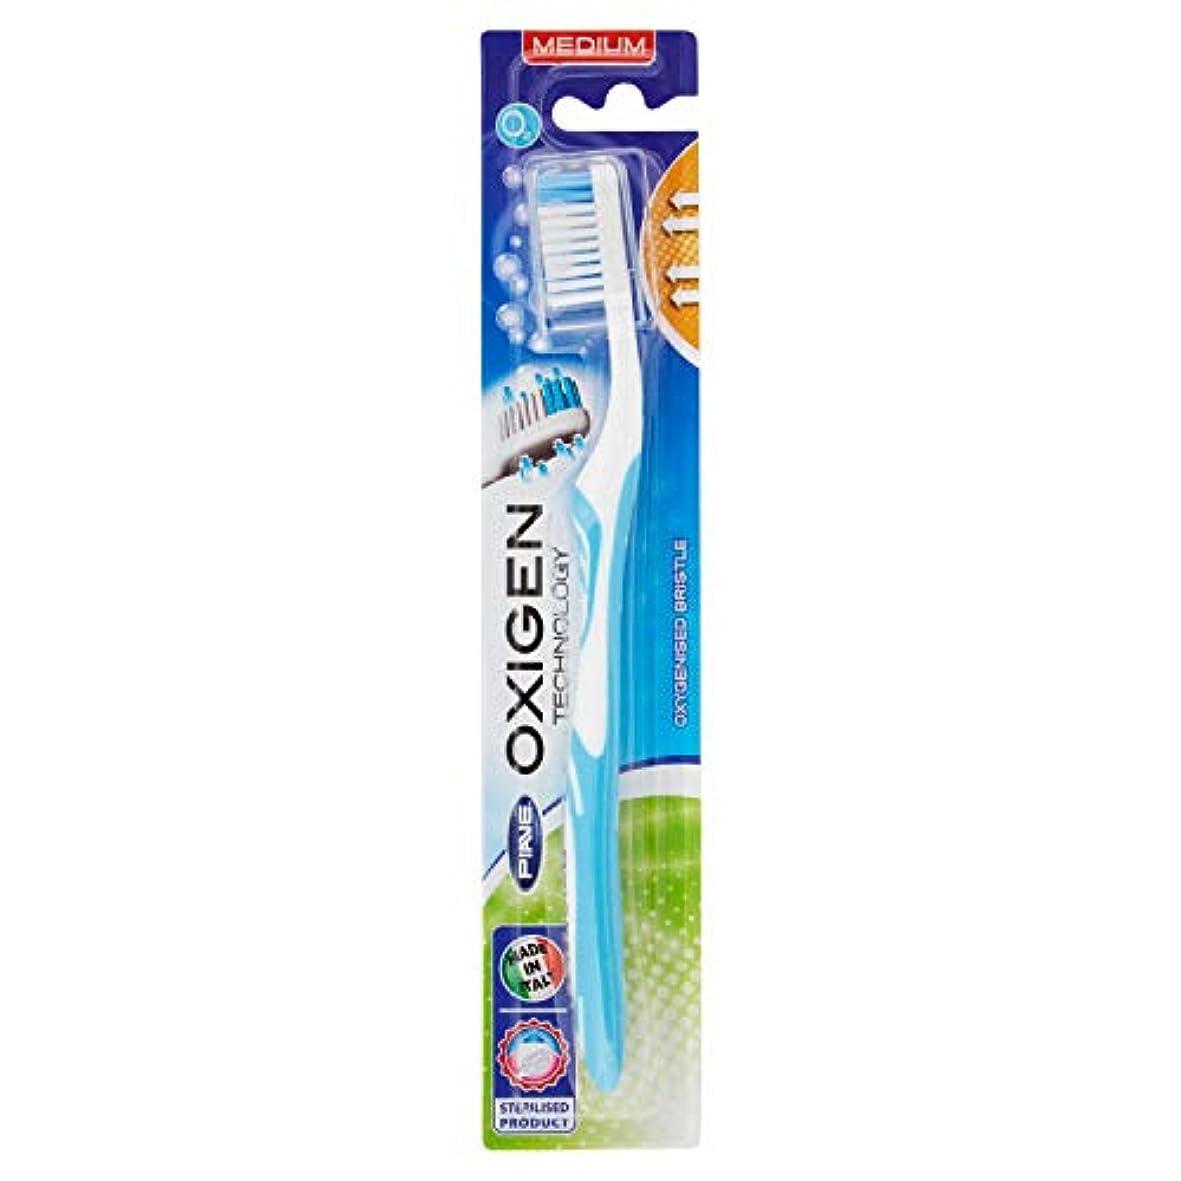 広告主行く原理オクシジェン歯ブラシ